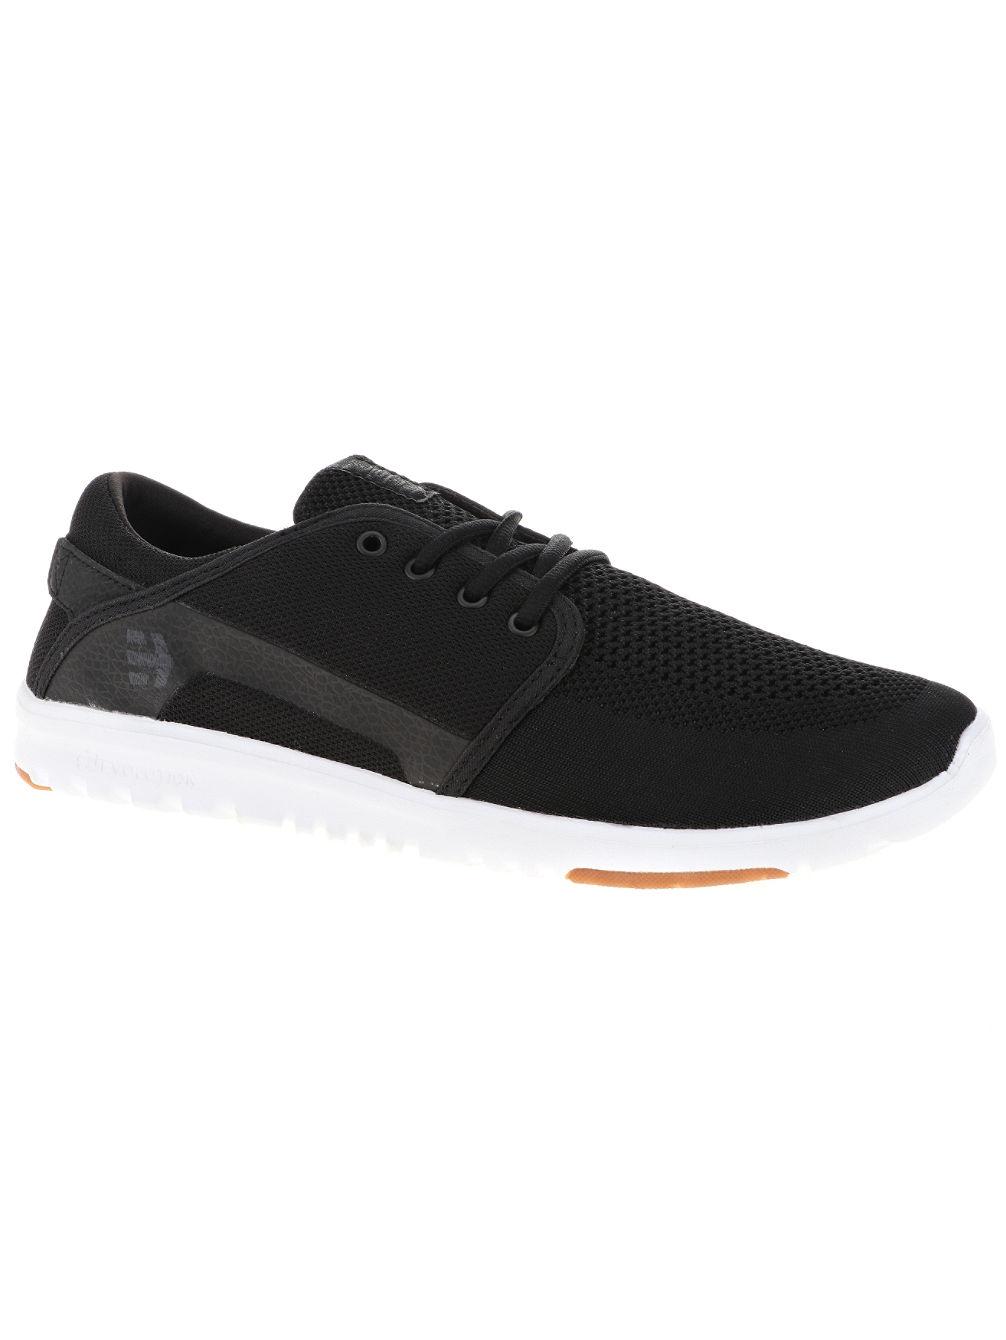 etnies-scout-yb-sneakers